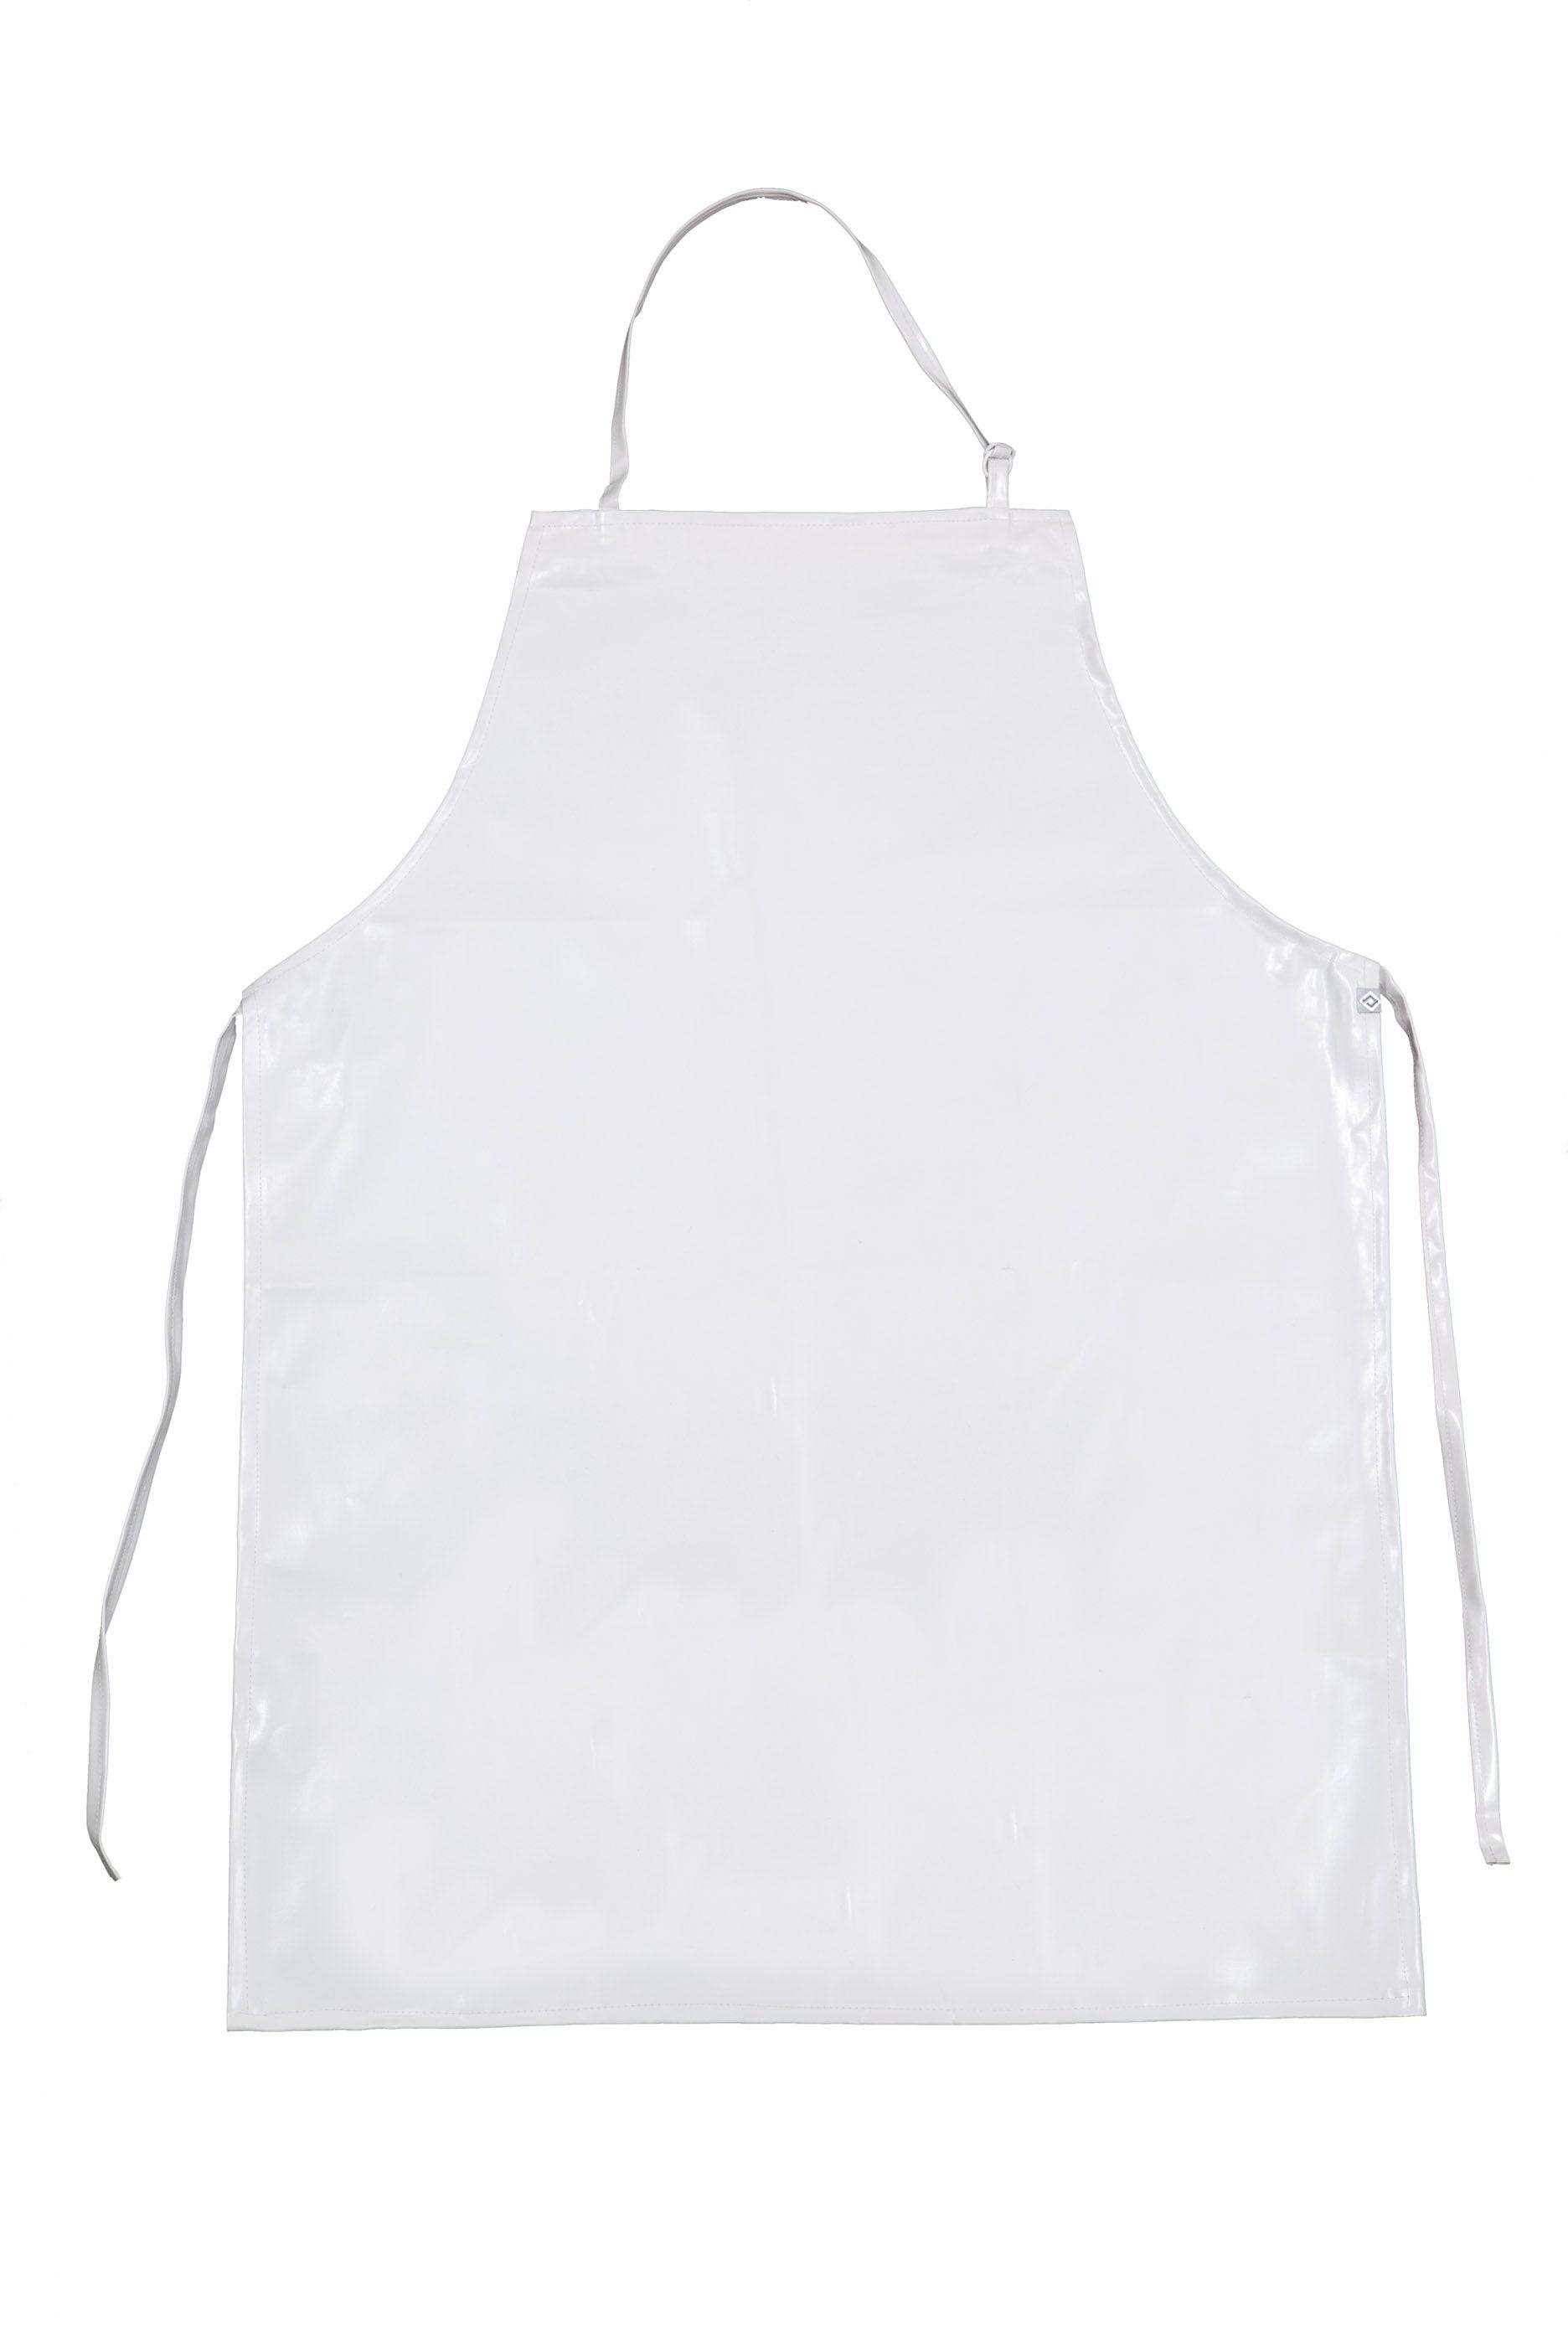 White apron sergio vodanovic english - Delantal Un Articulo De Ropa Que Lleva Para Cocinar Apronwhiteclothing